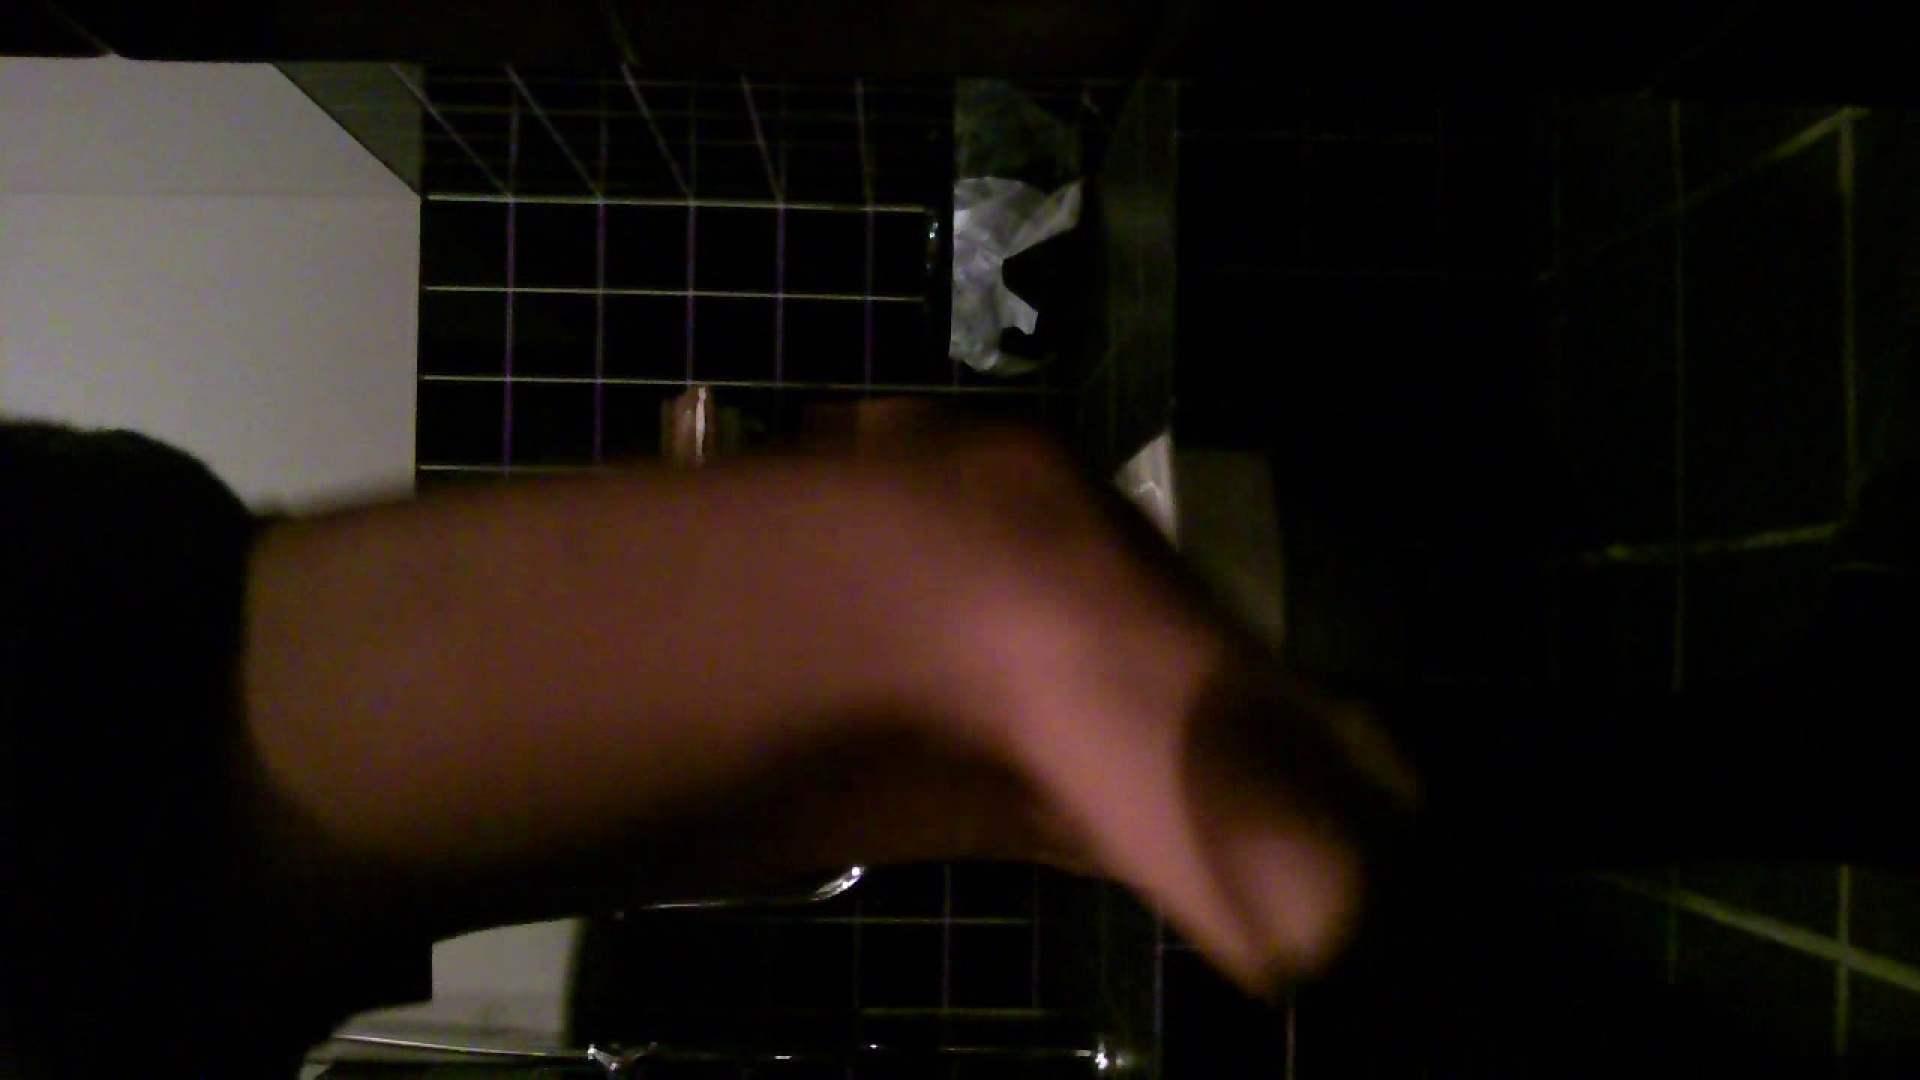 美女の集まる飲み屋洗面所 vol.02 キャバ嬢ヌード オメコ無修正動画無料 110画像 74